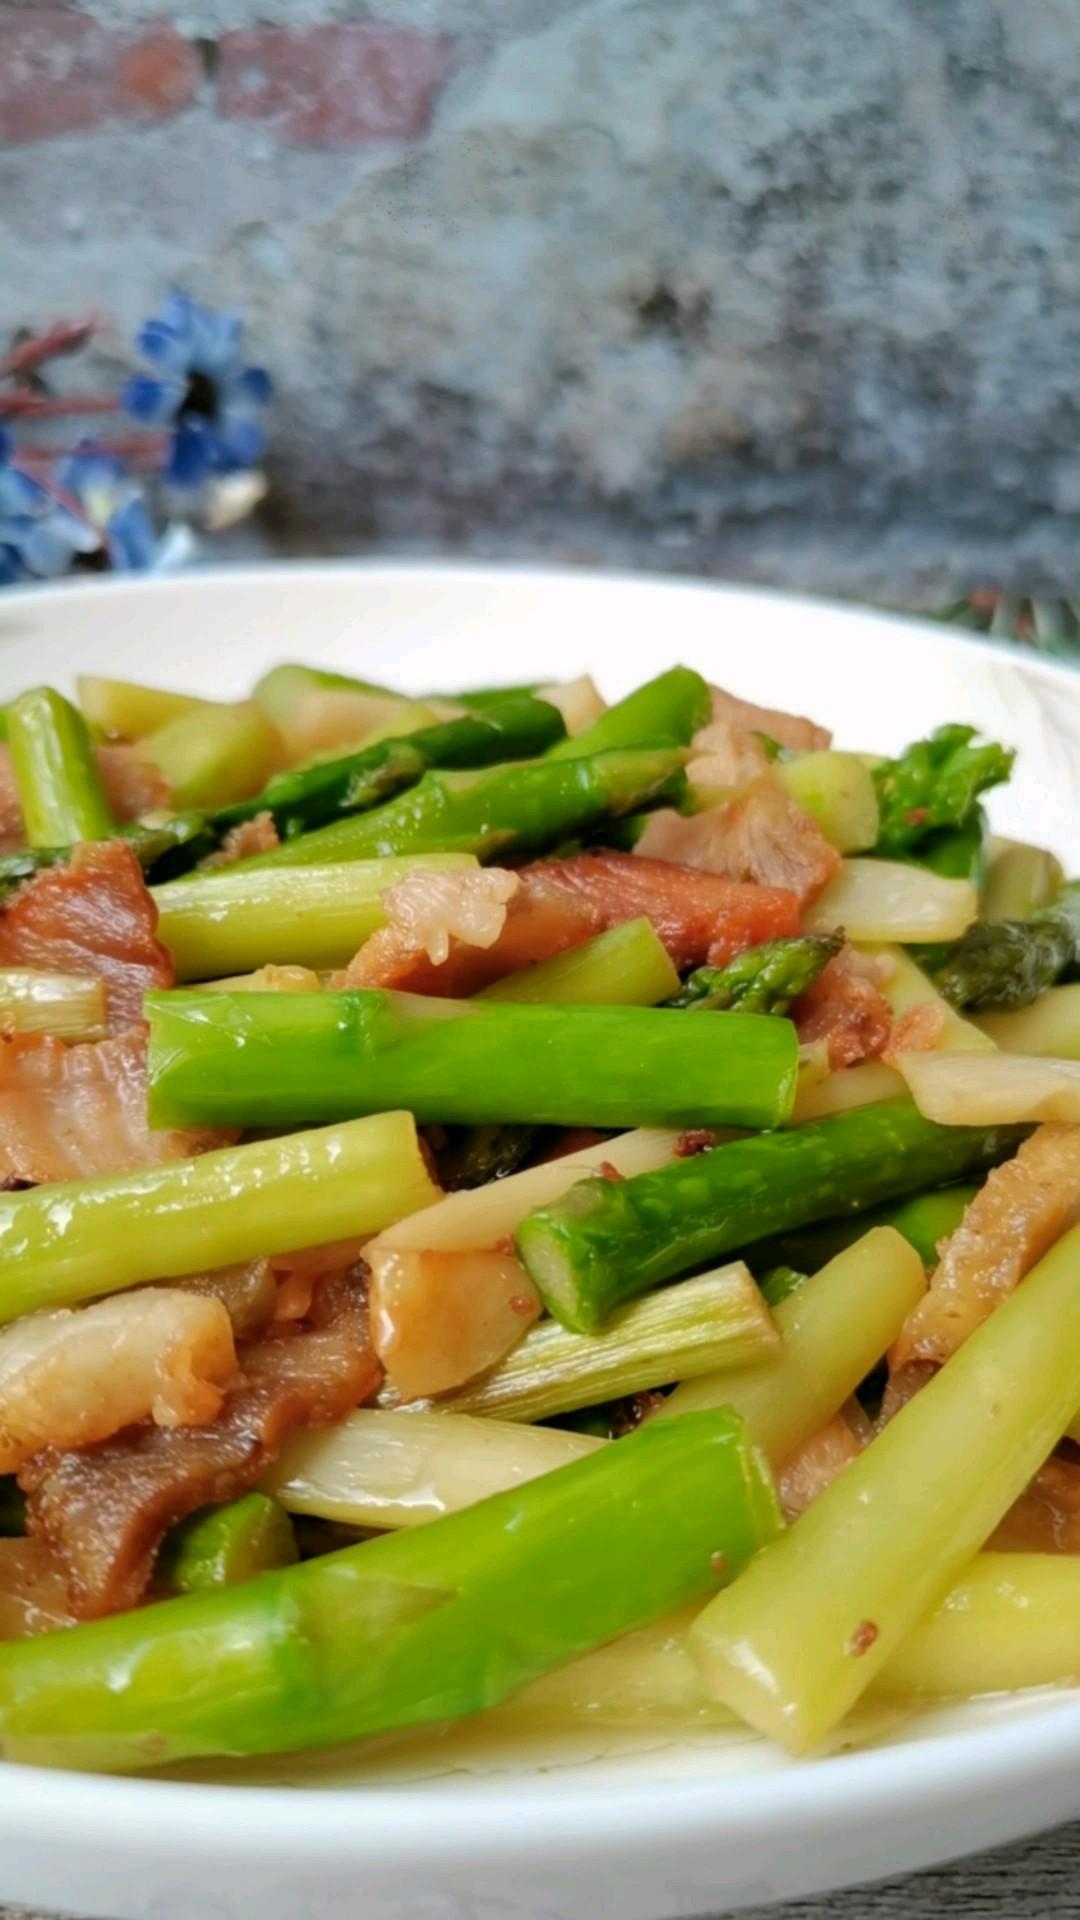 绿芦笋炒肉片